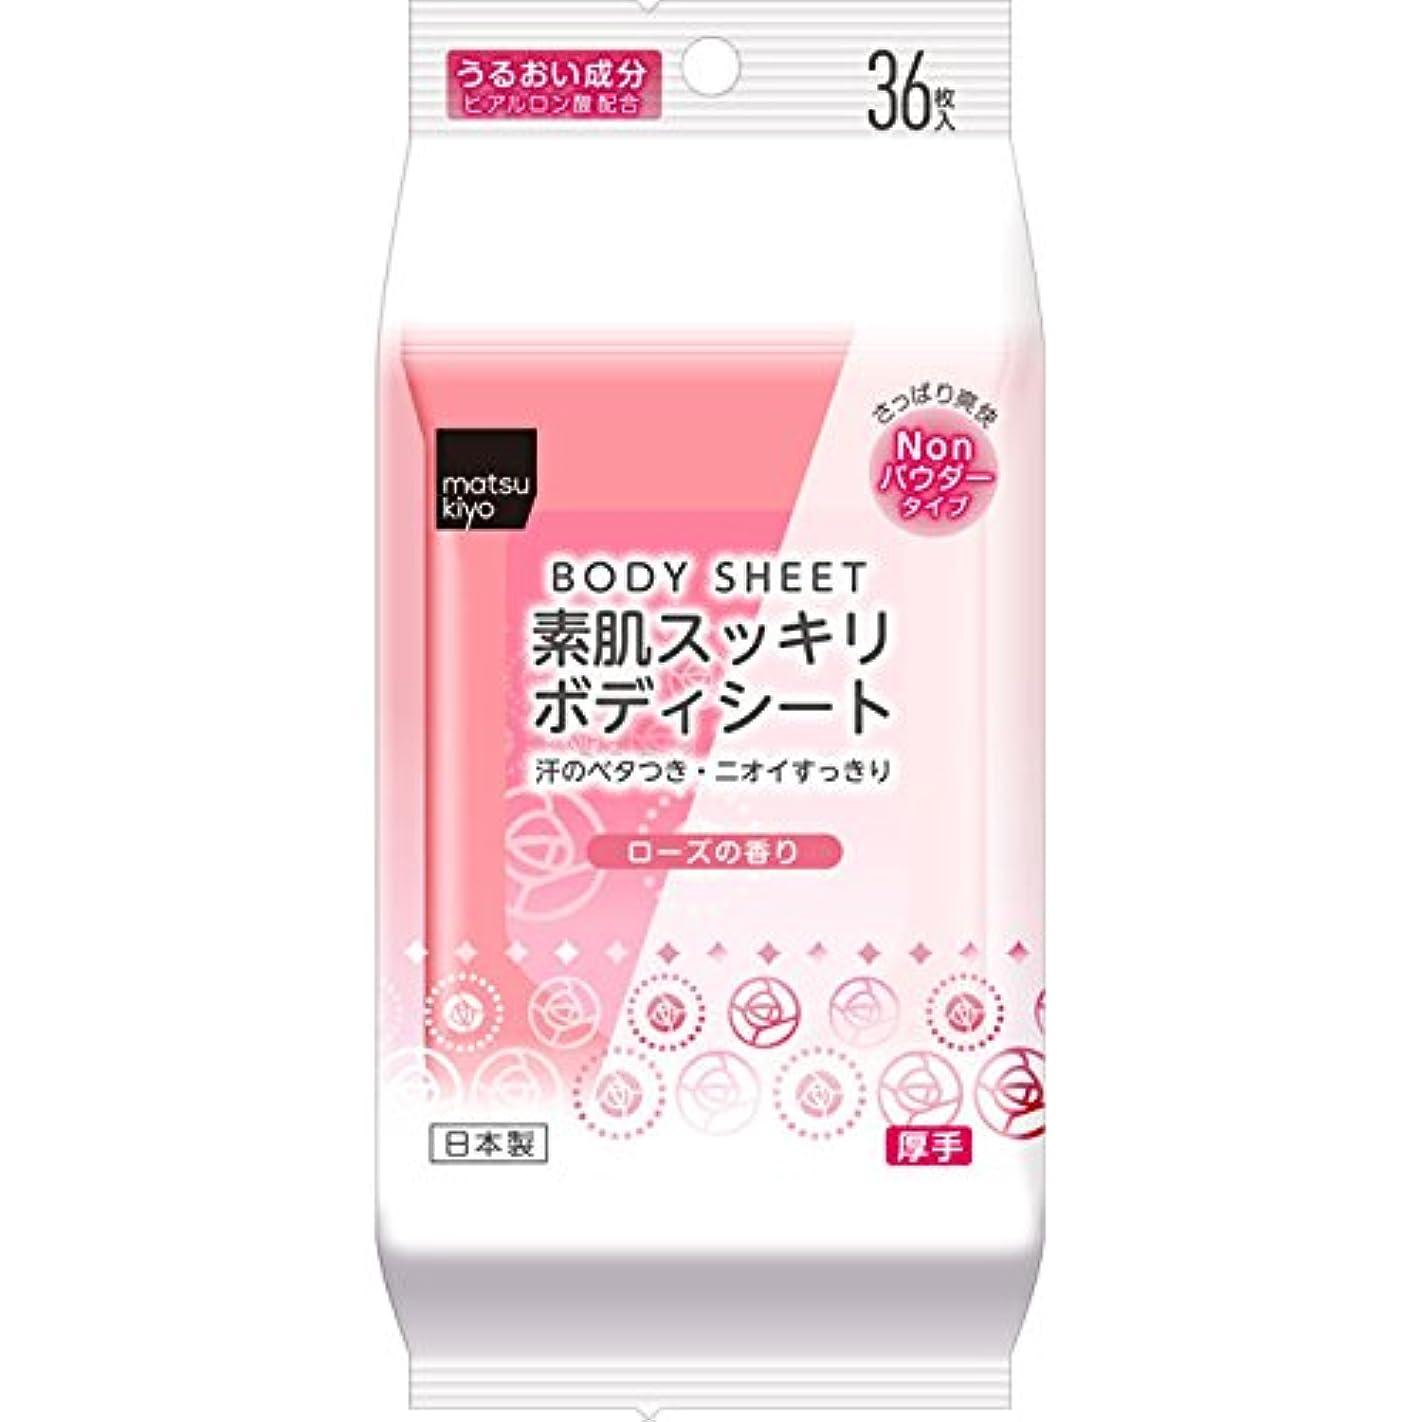 不透明な暗黙熱matsukiyo 素肌スッキリボディシート ローズの香り 36枚